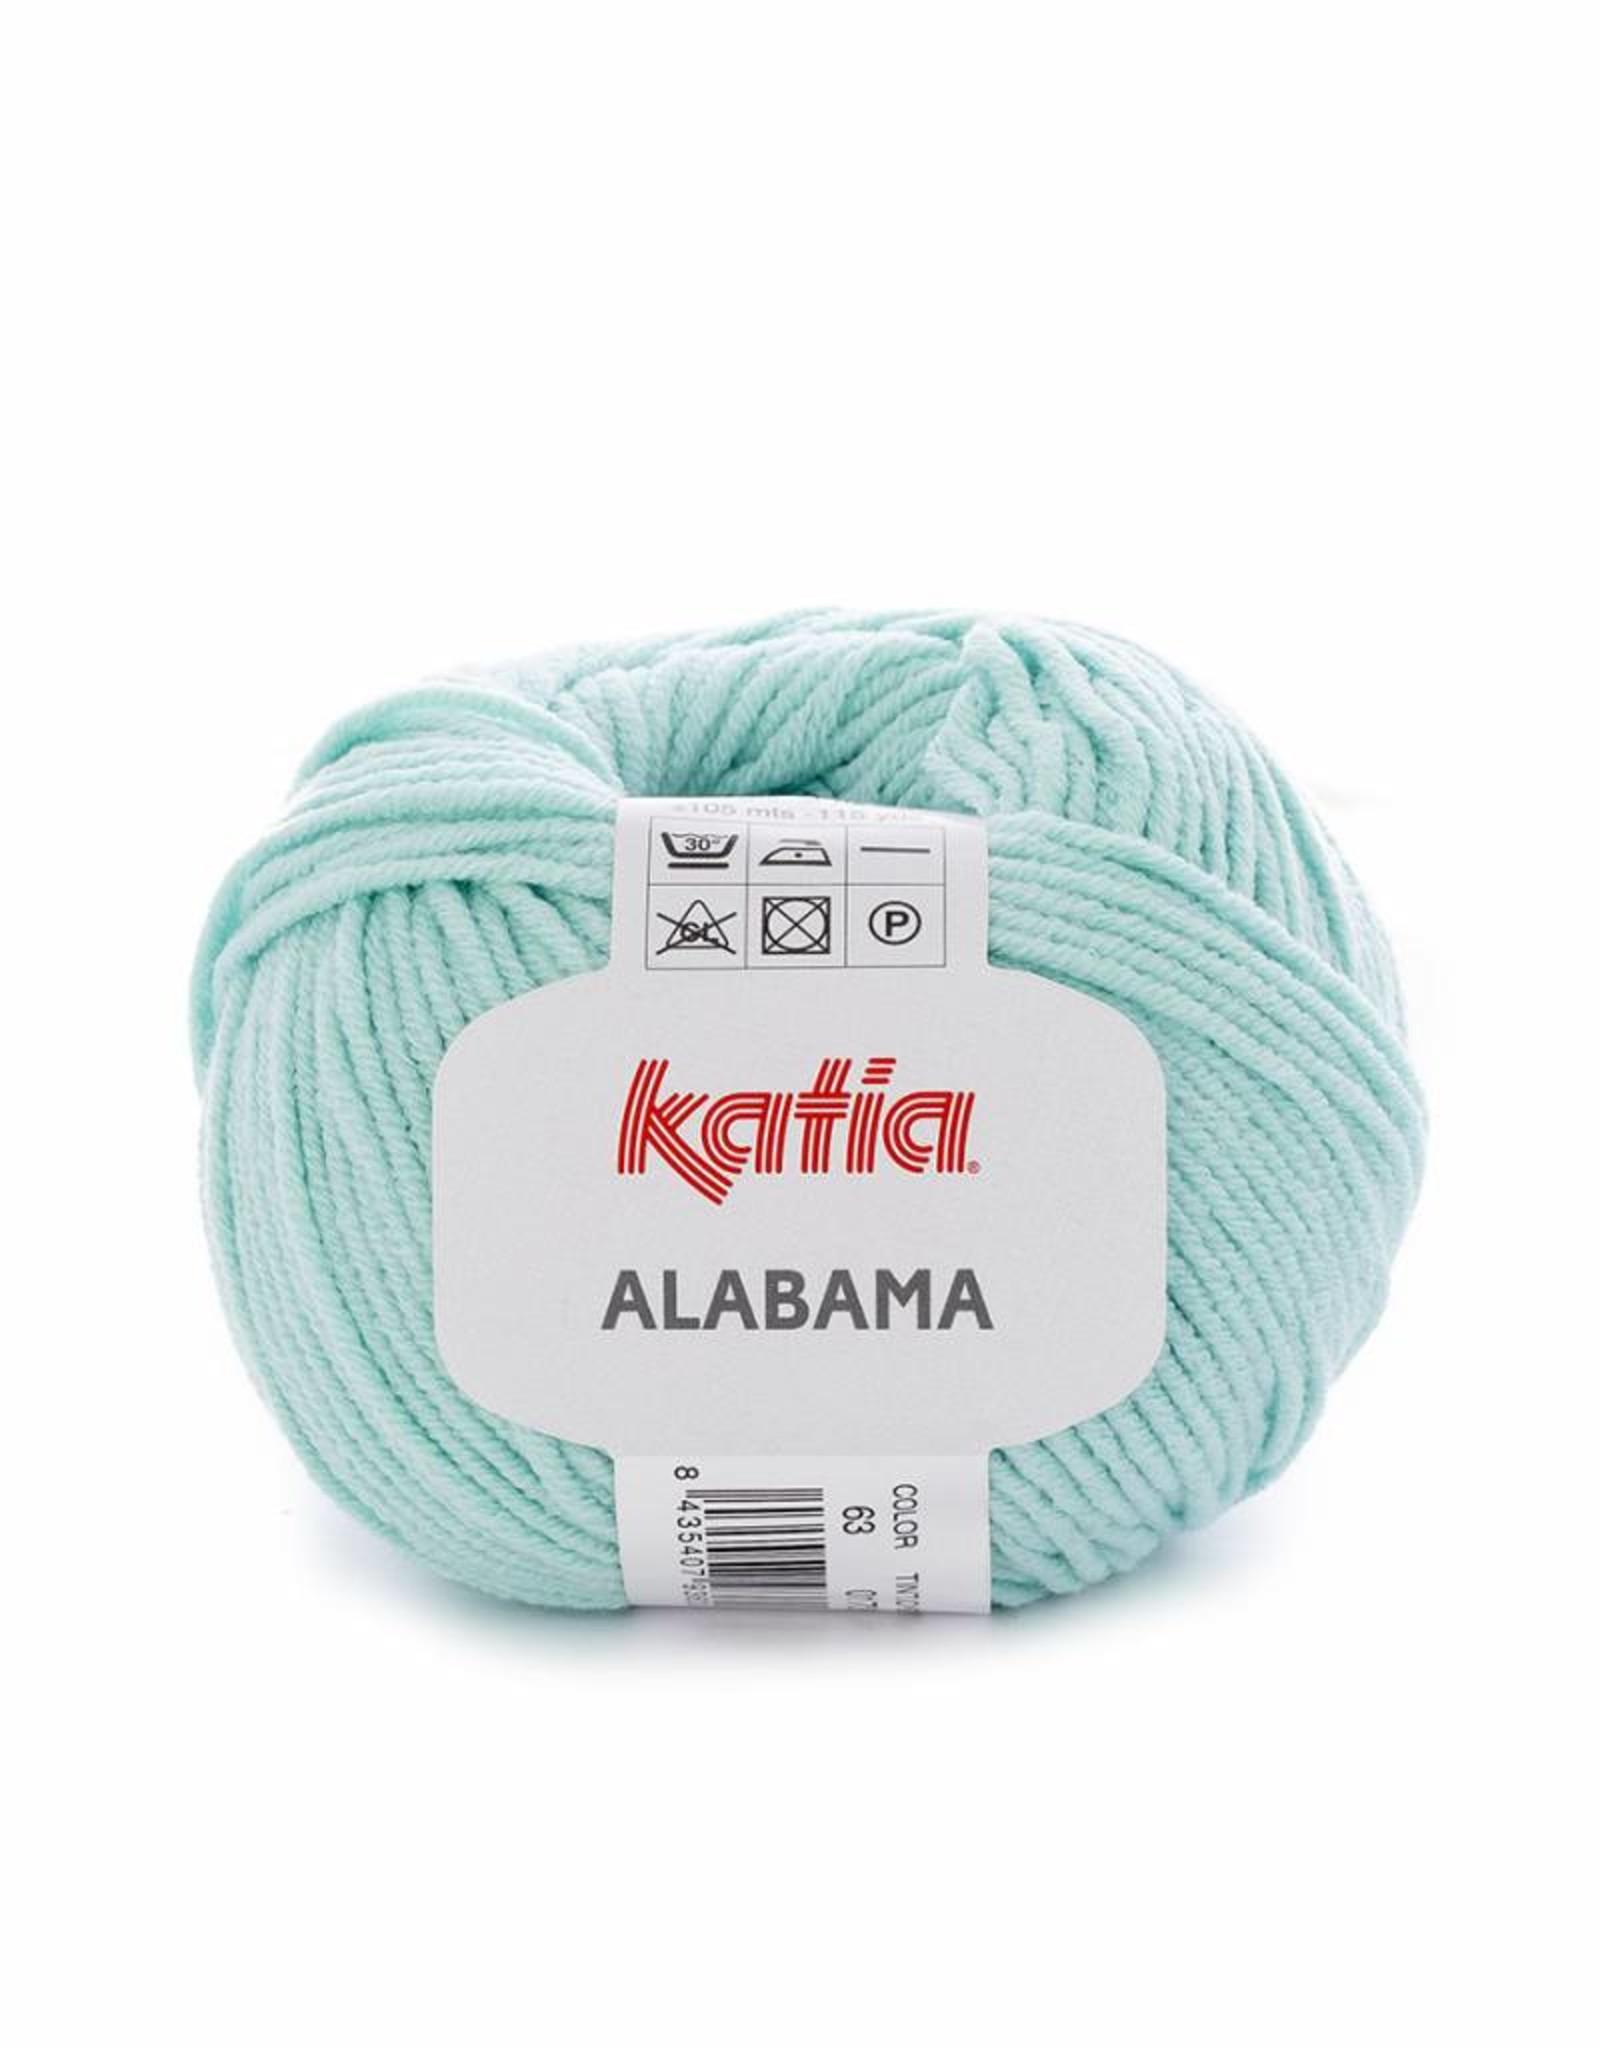 Katia Alabama (2)